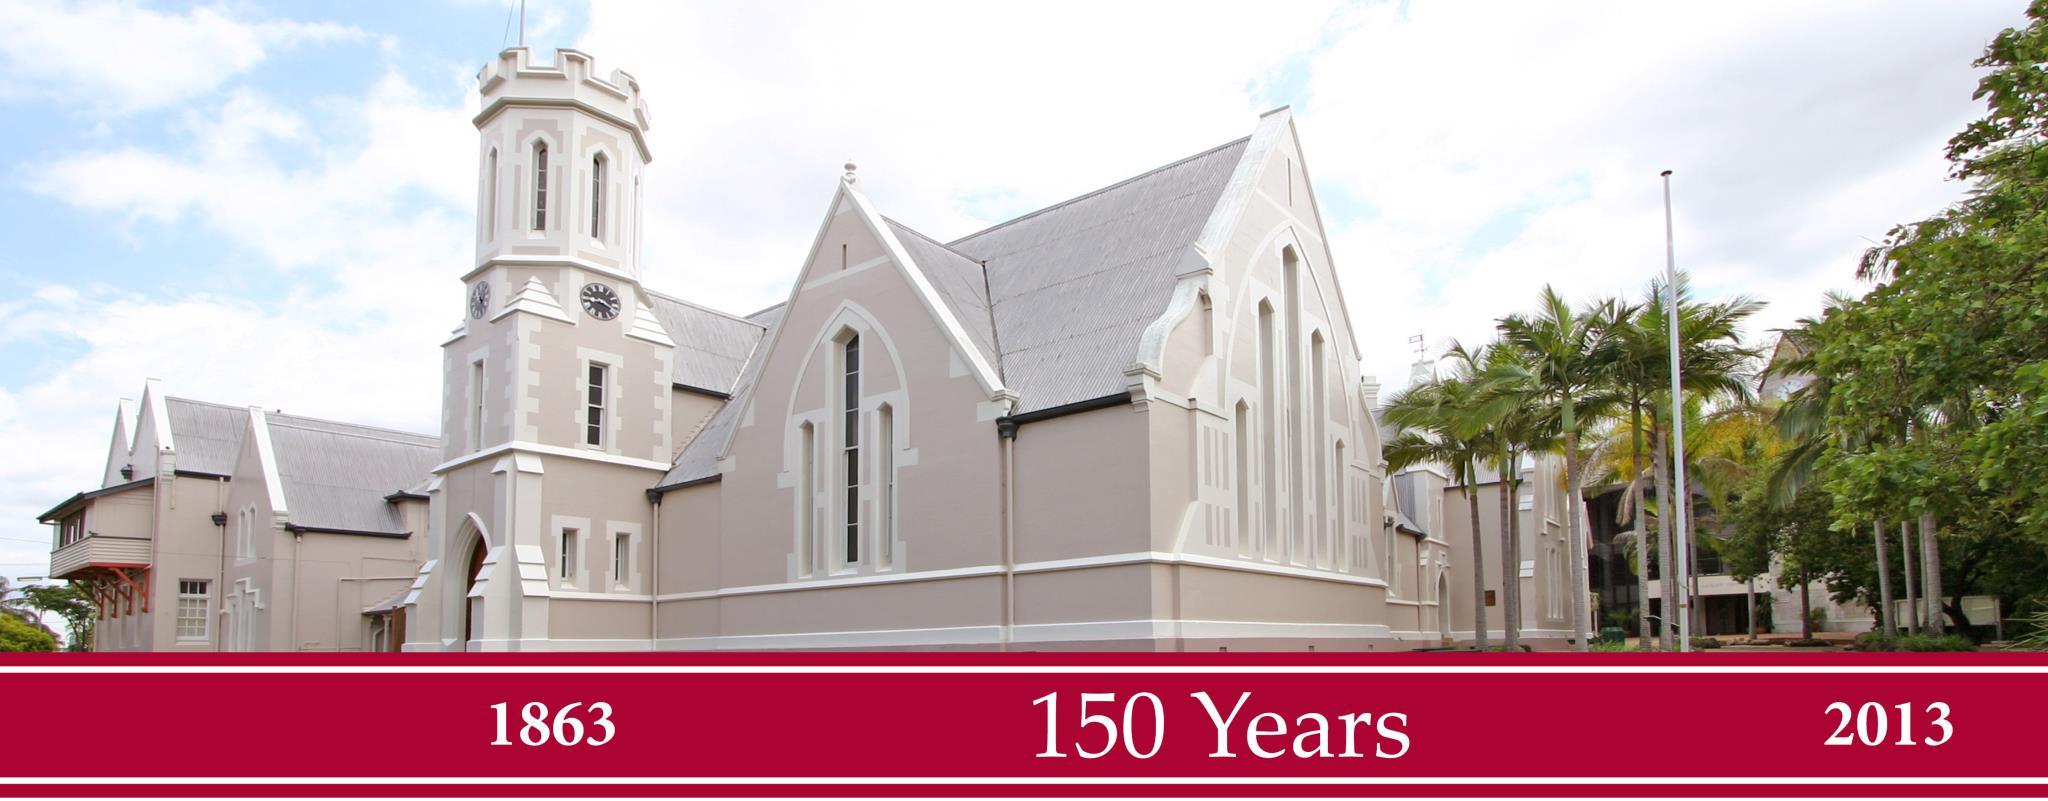 澳洲中學  IGS Ipswich Grammar School